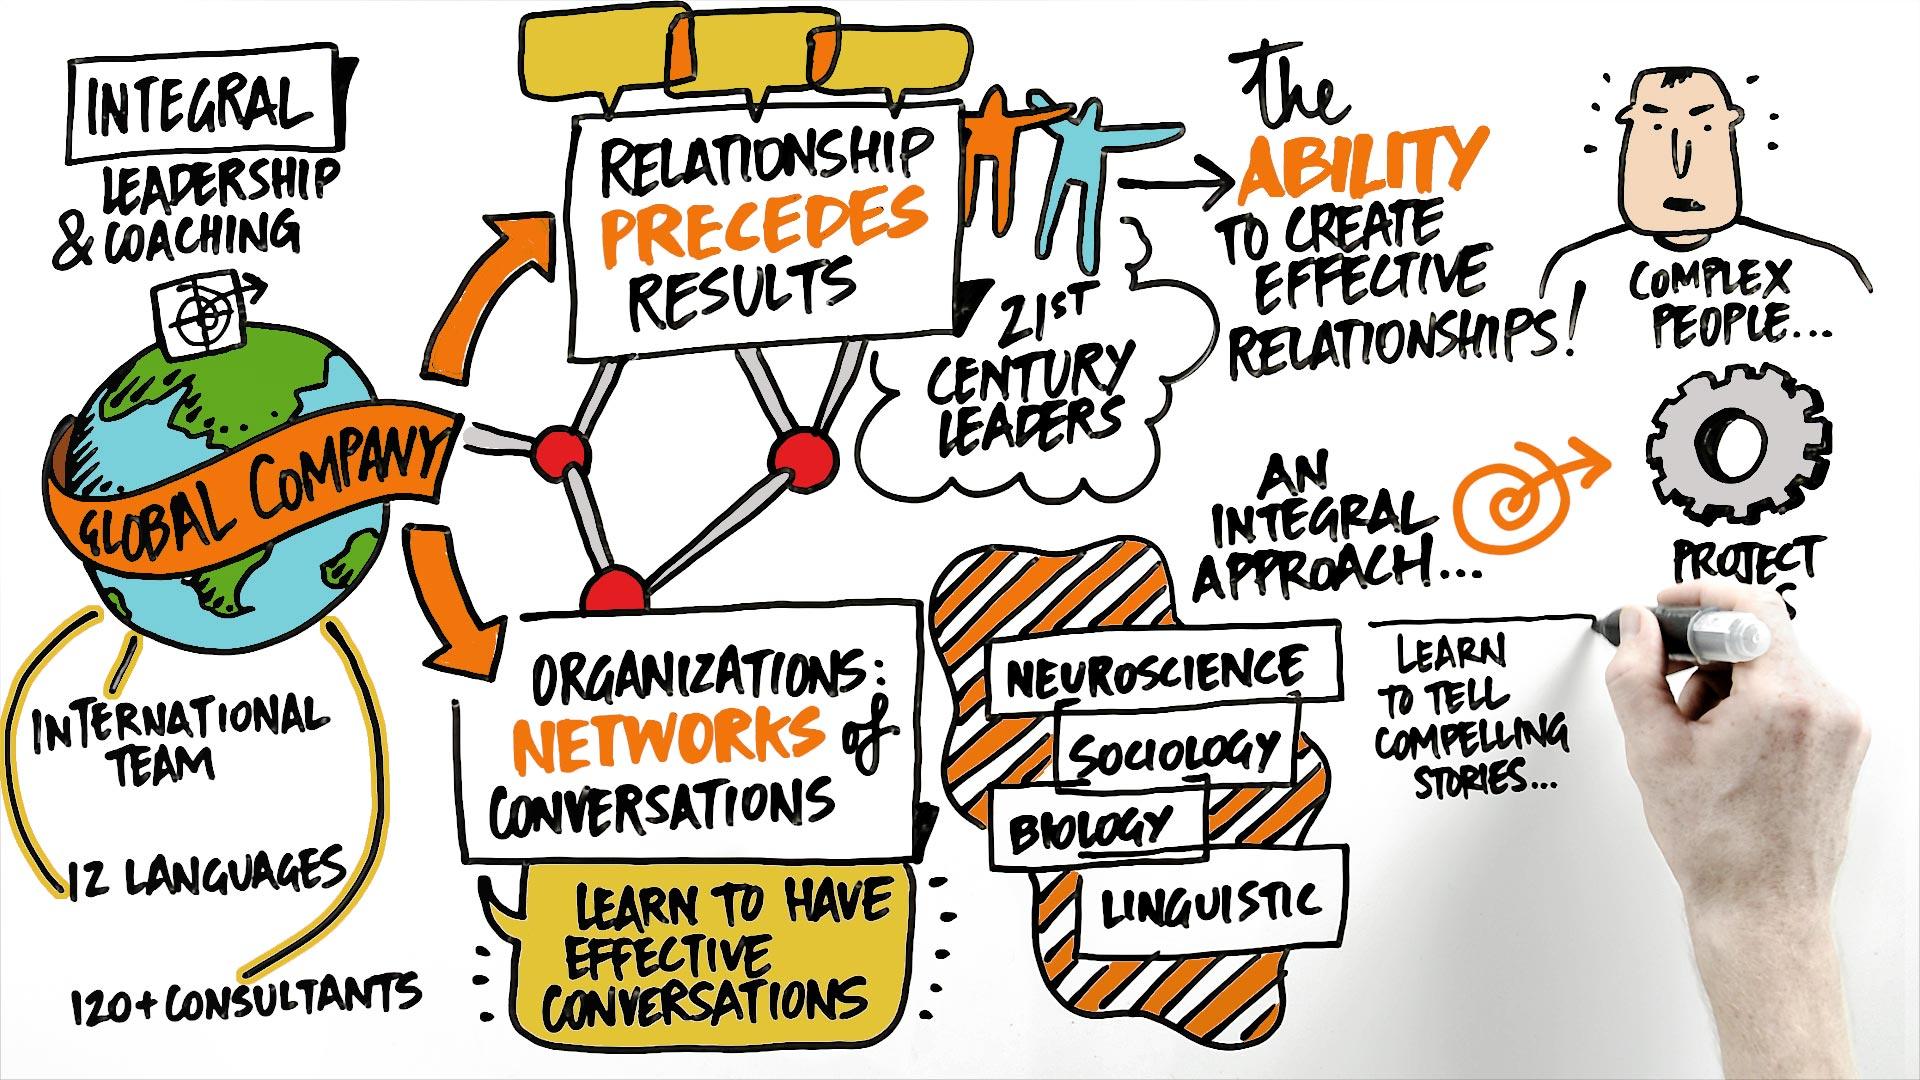 Integral Leadership & Coaching